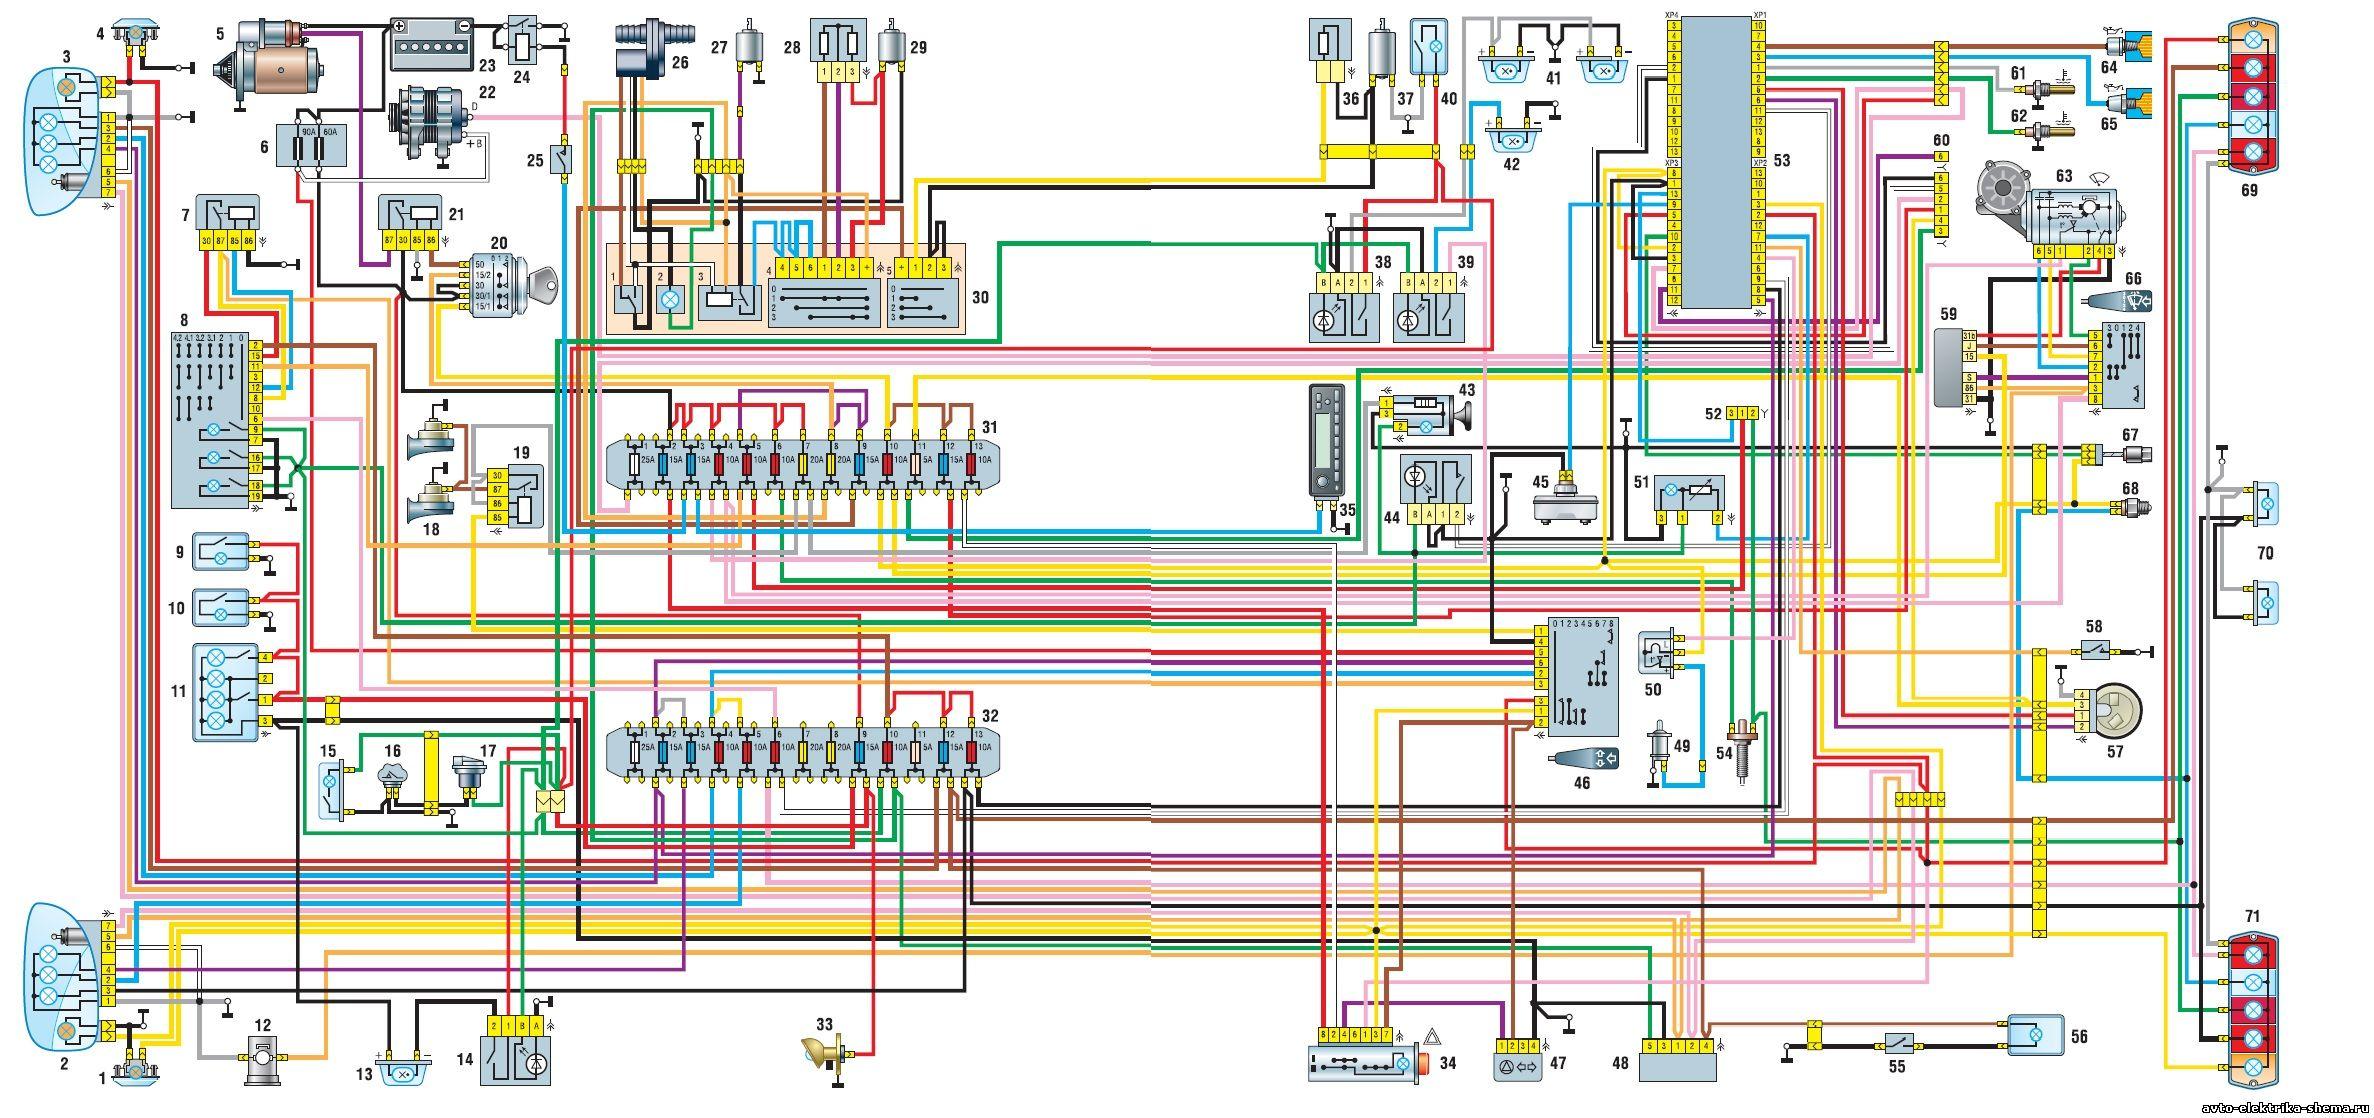 Реле поворотов газель схема подключения